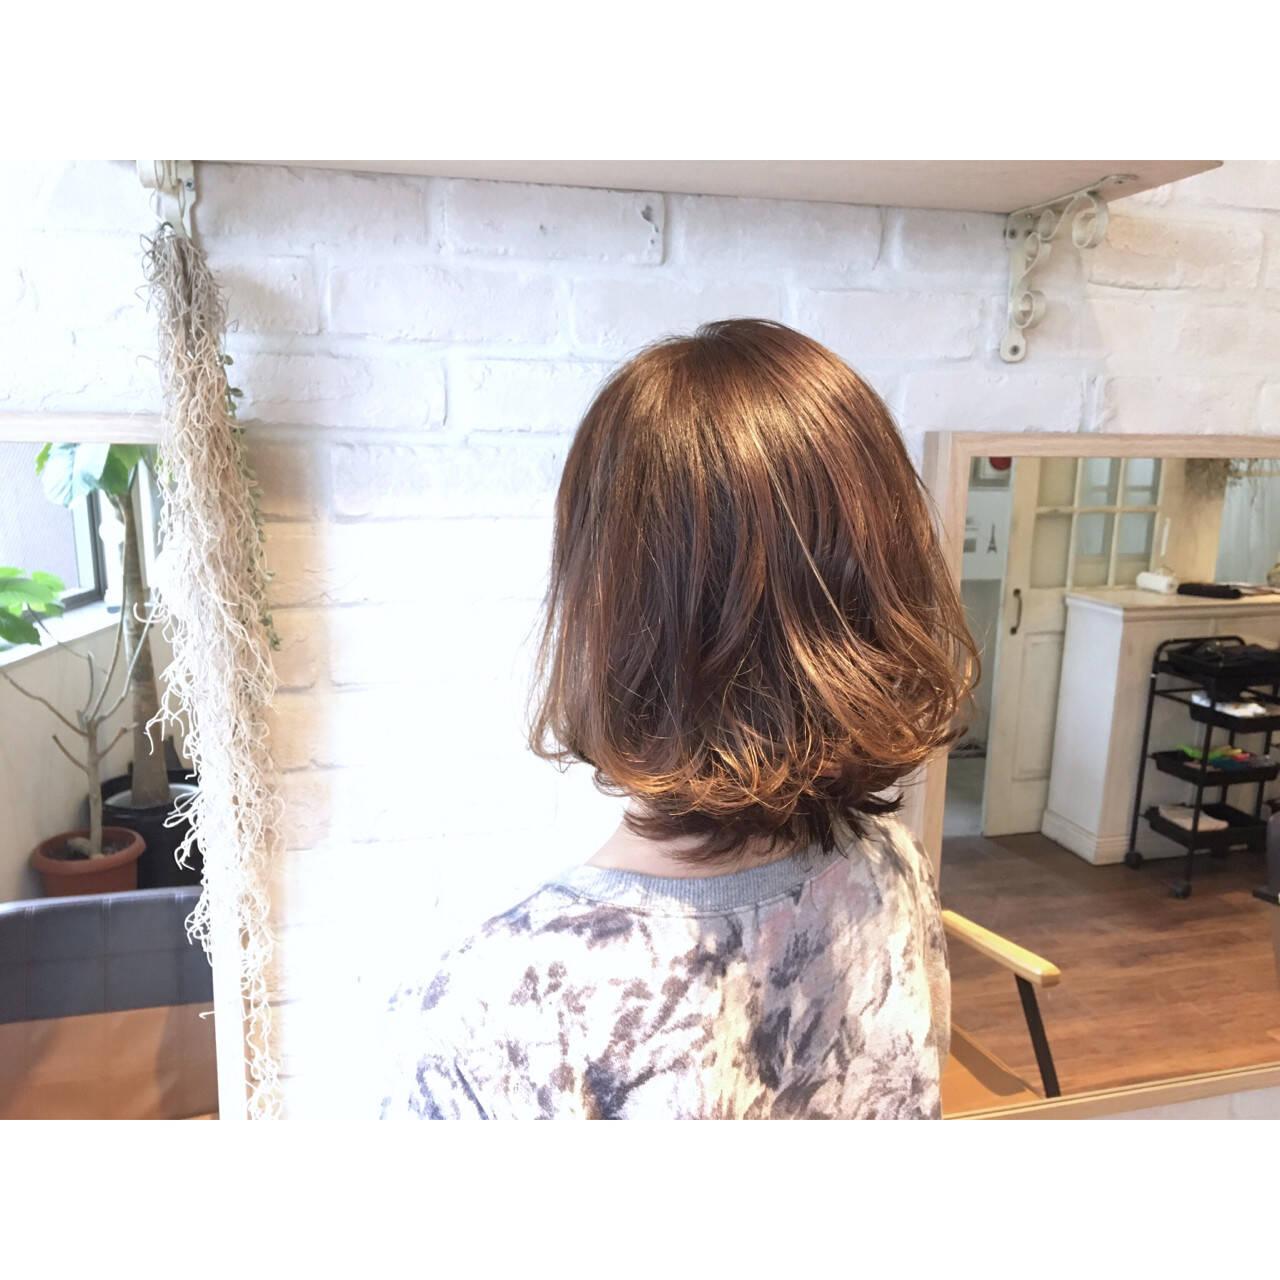 グラデーションカラー ボブ 外国人風 アッシュヘアスタイルや髪型の写真・画像